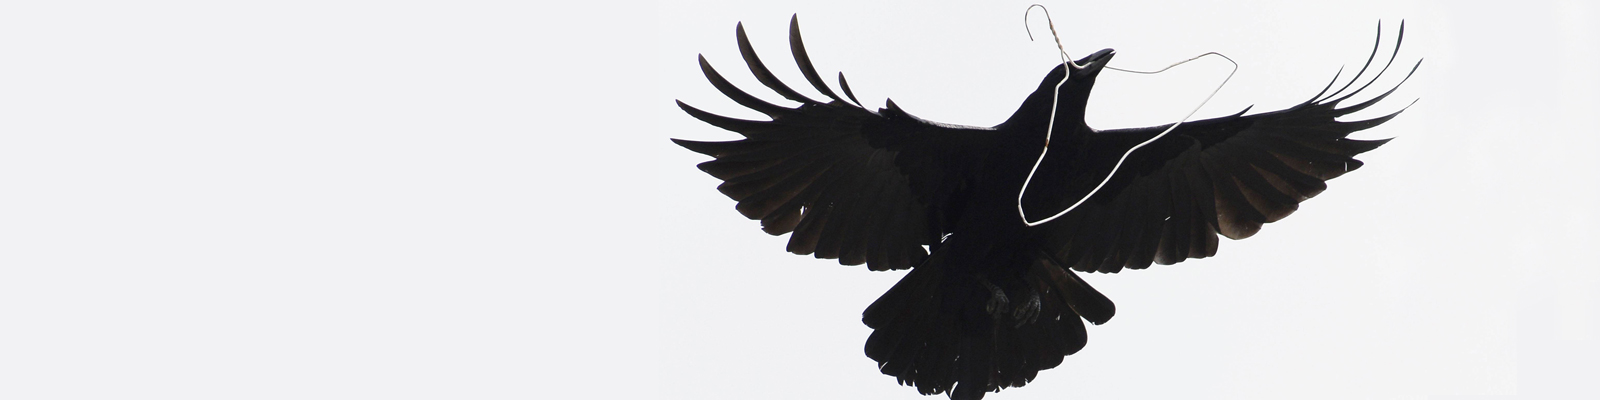 Eine Krähe mit einem Kleiderbügel.